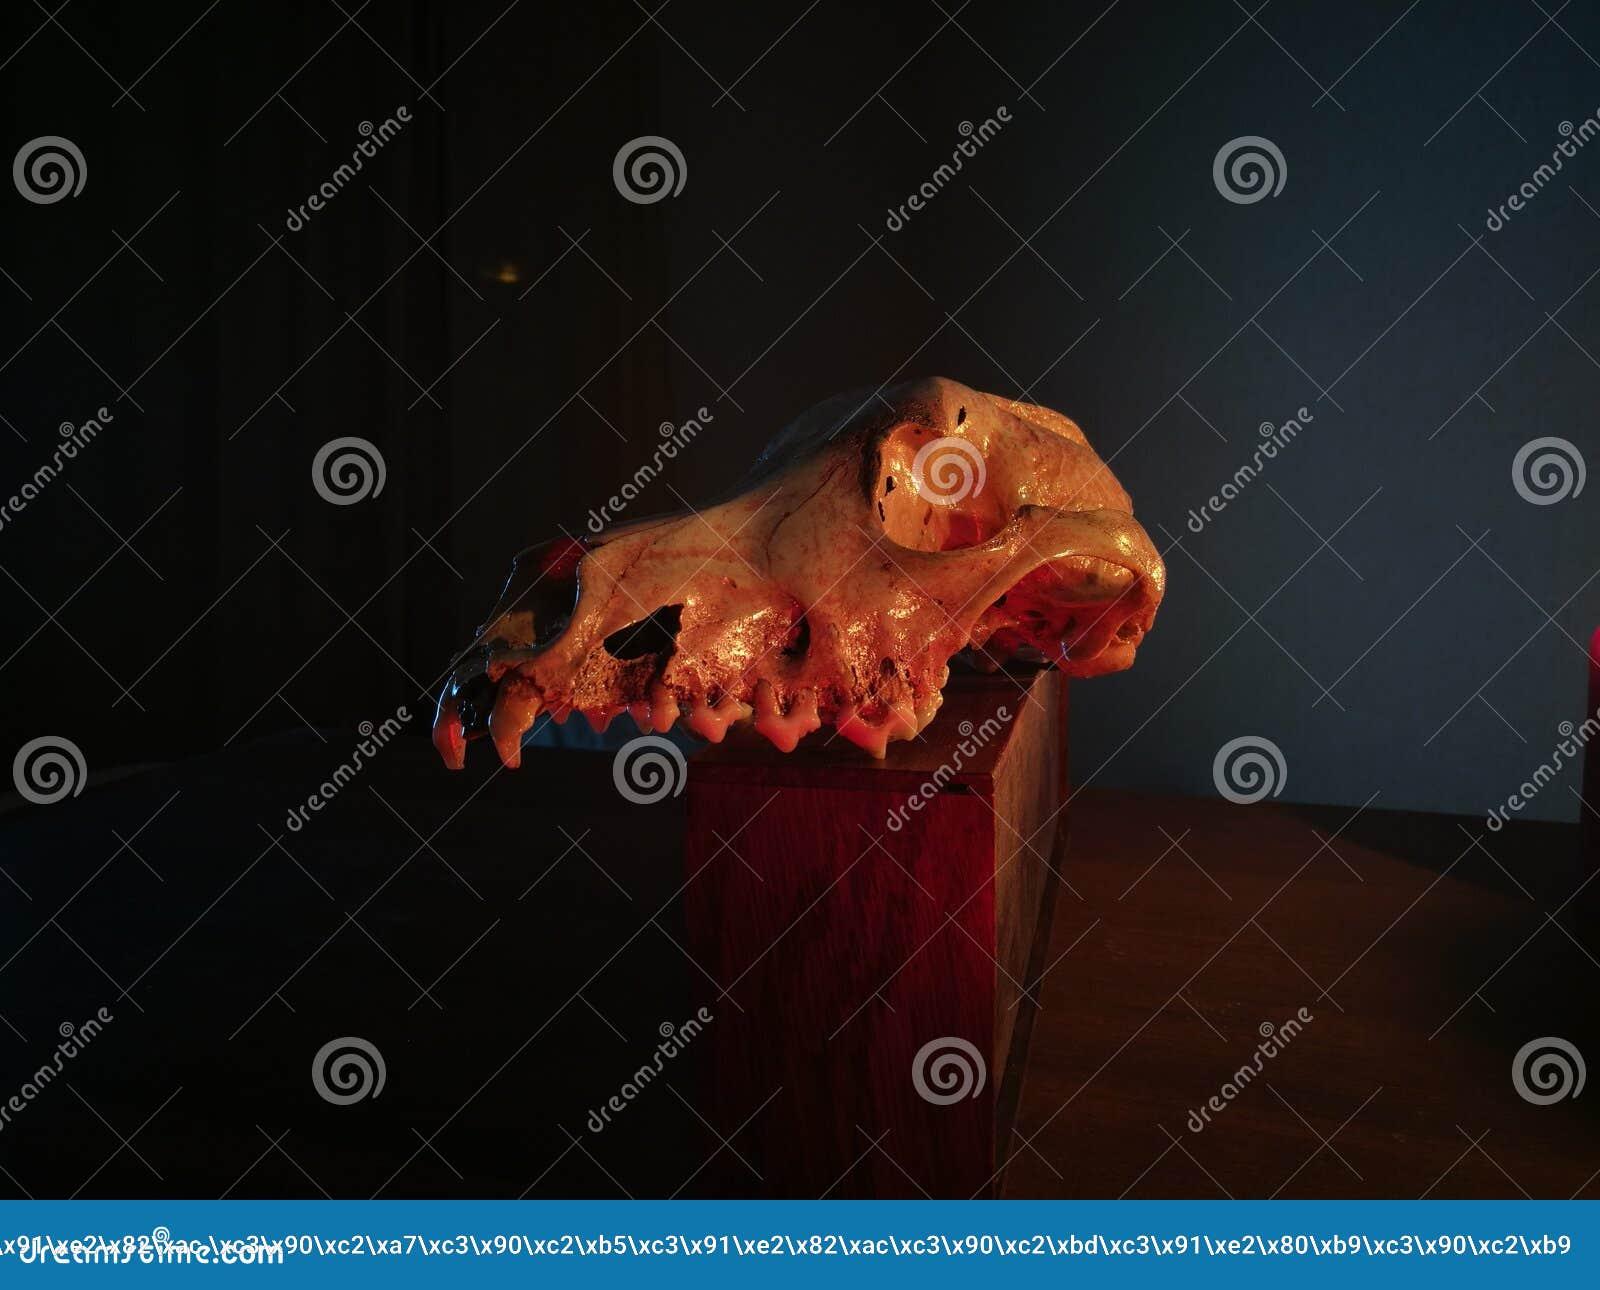 Dog Skull Stock Image Image Of Object Skull Anatomy 123264981